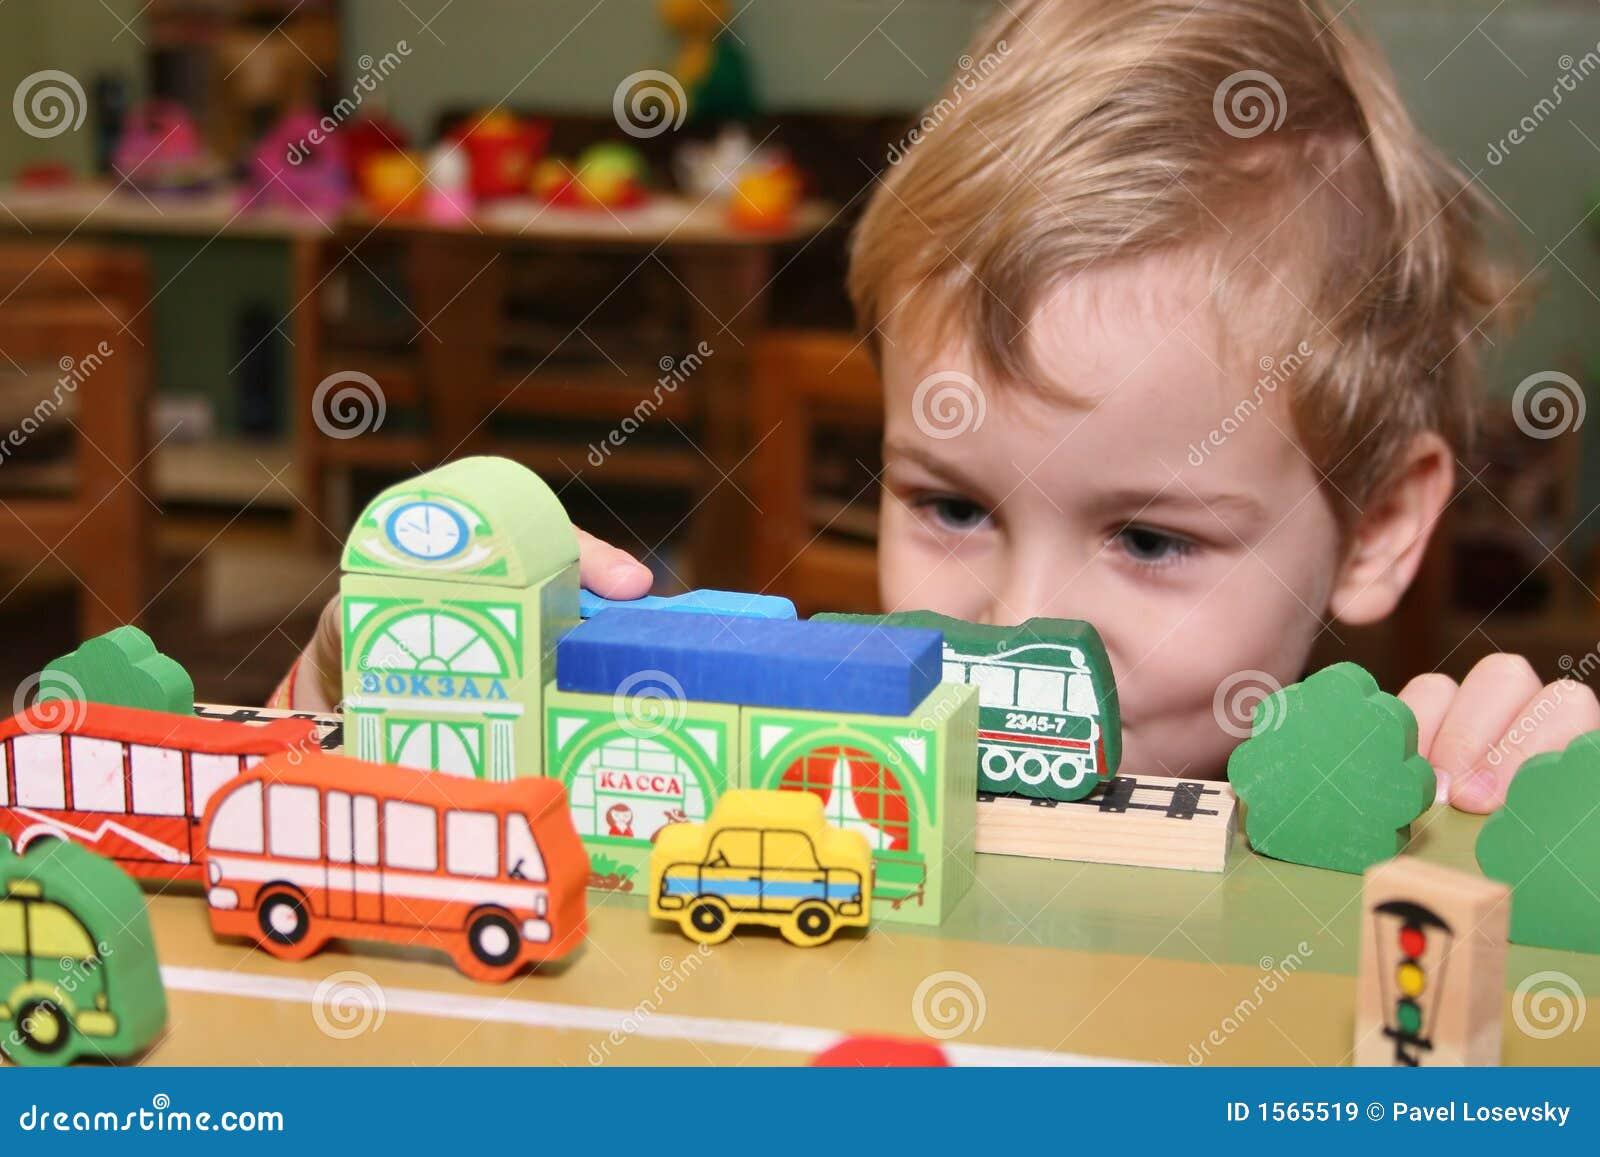 Kinderspiel im Kindergarten